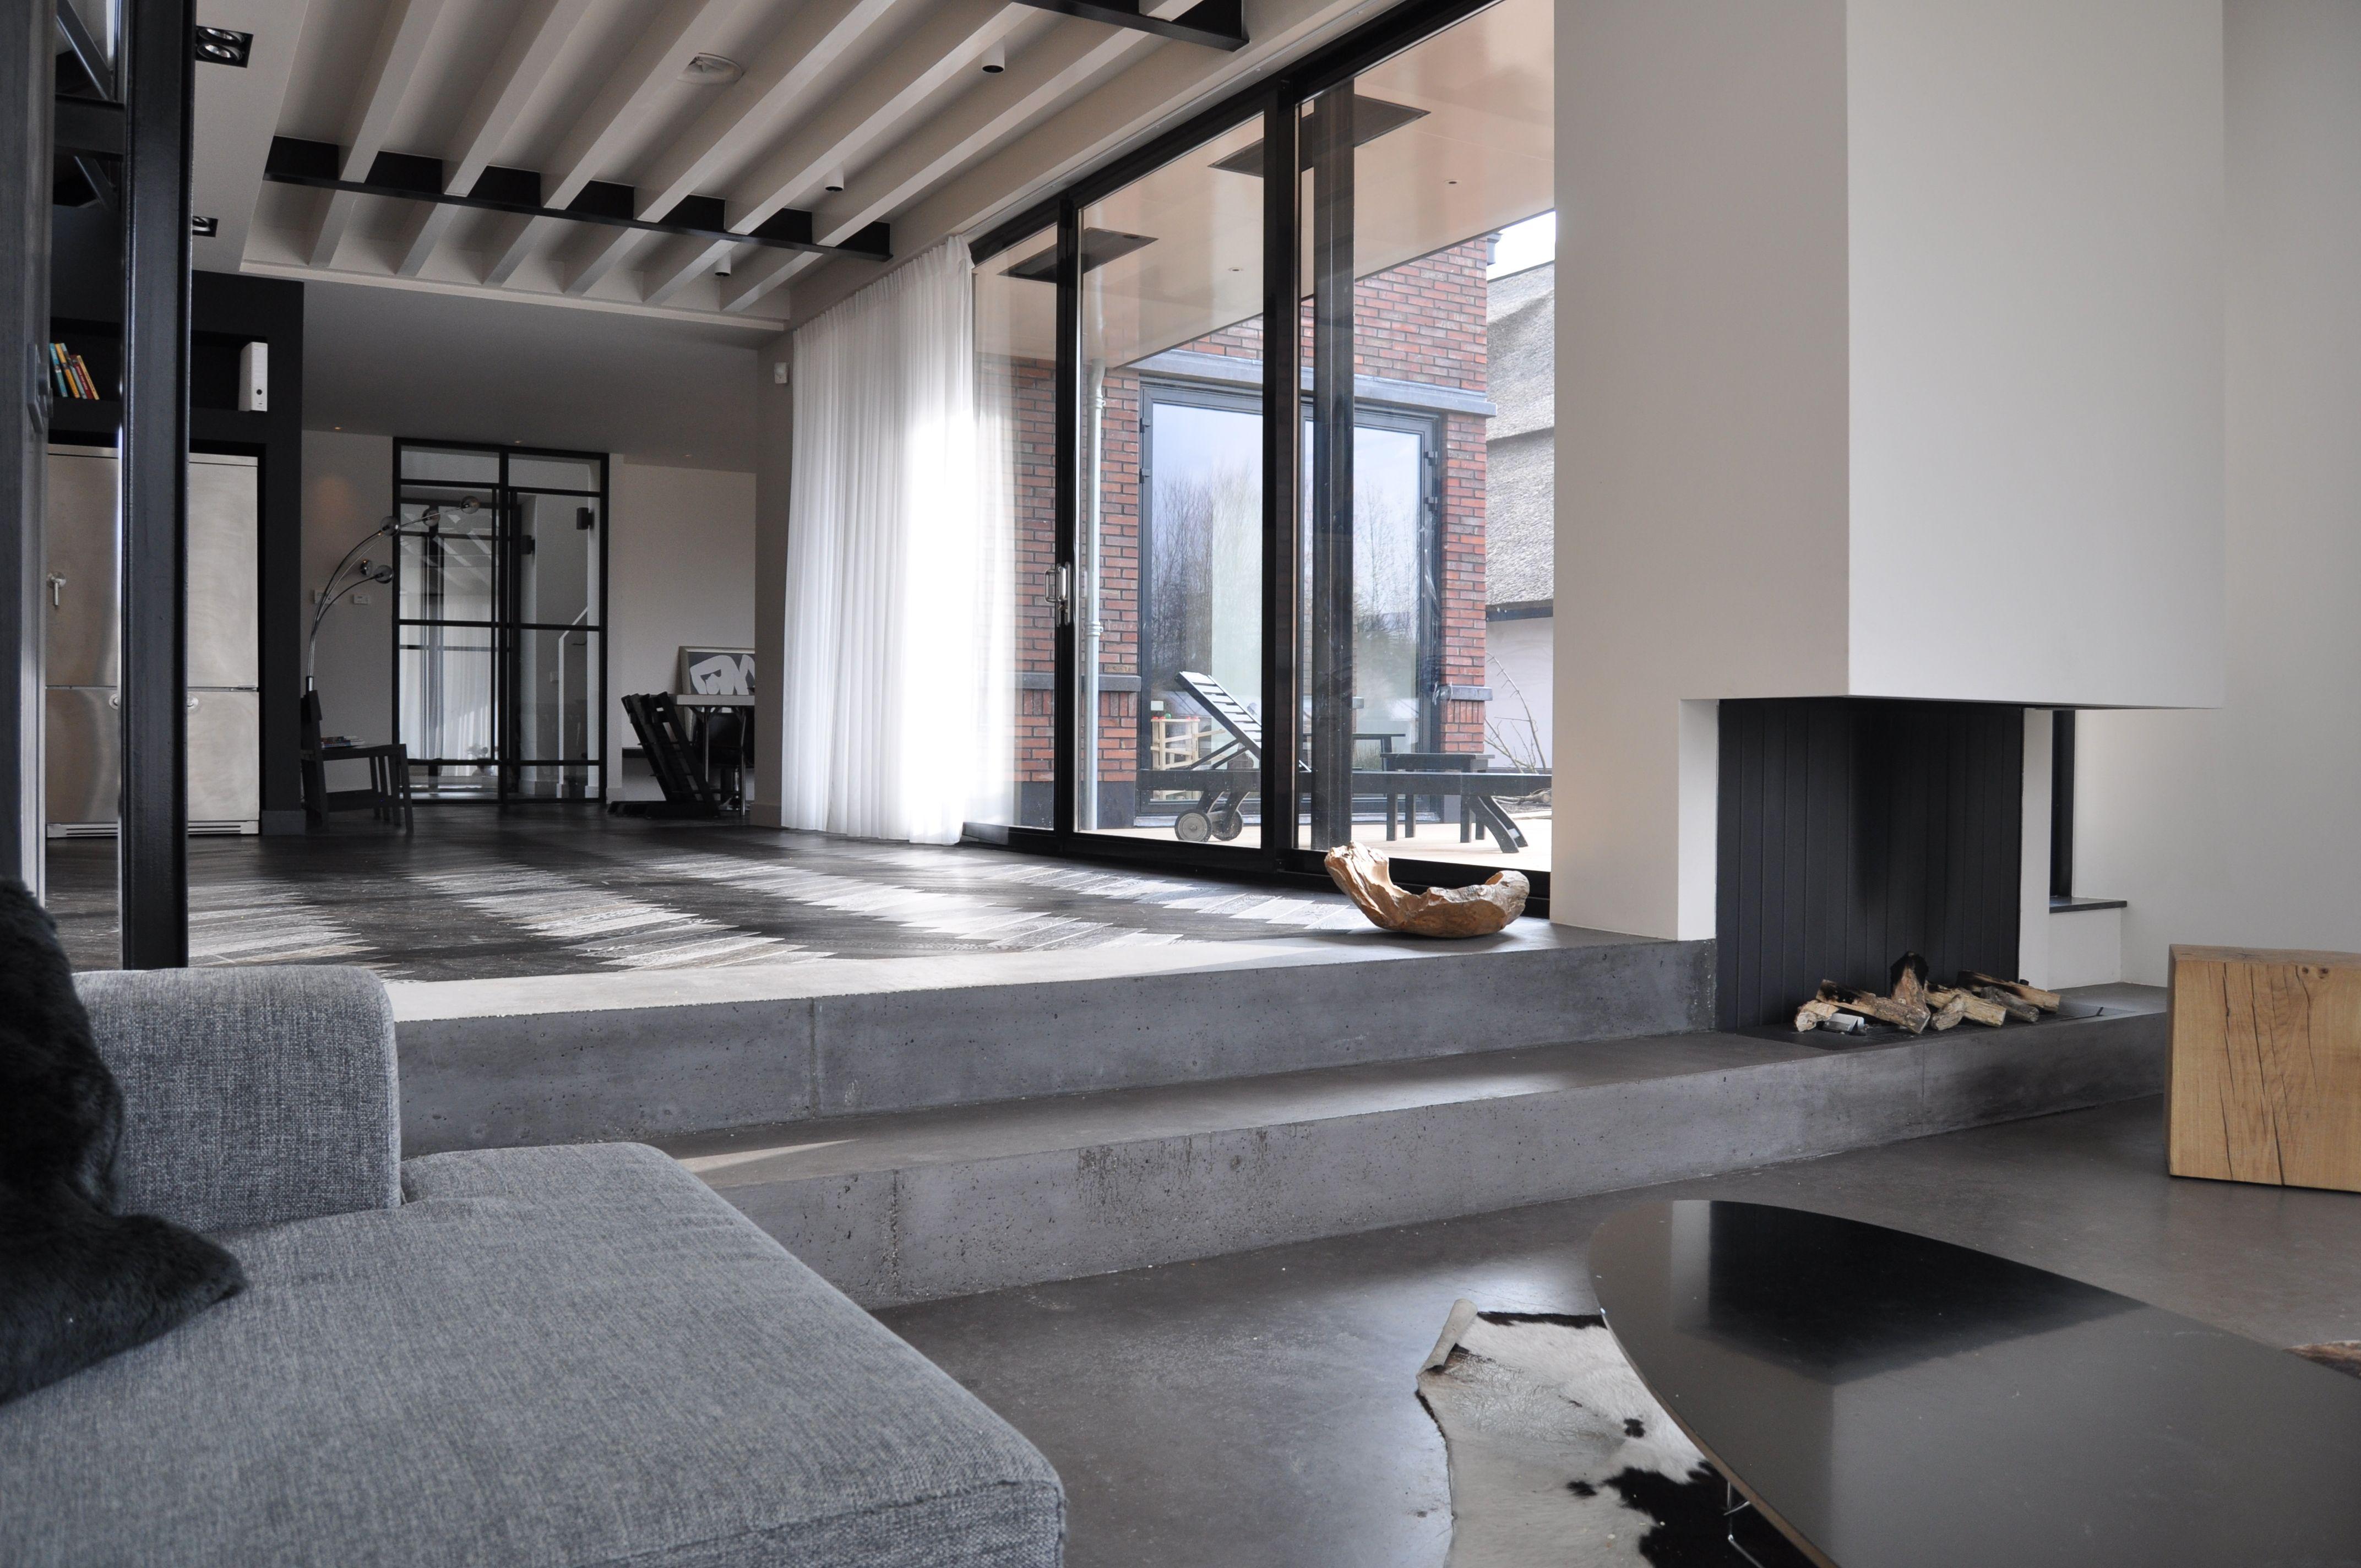 Vloerverwarming onder houten vloer dat kan martijn de wit